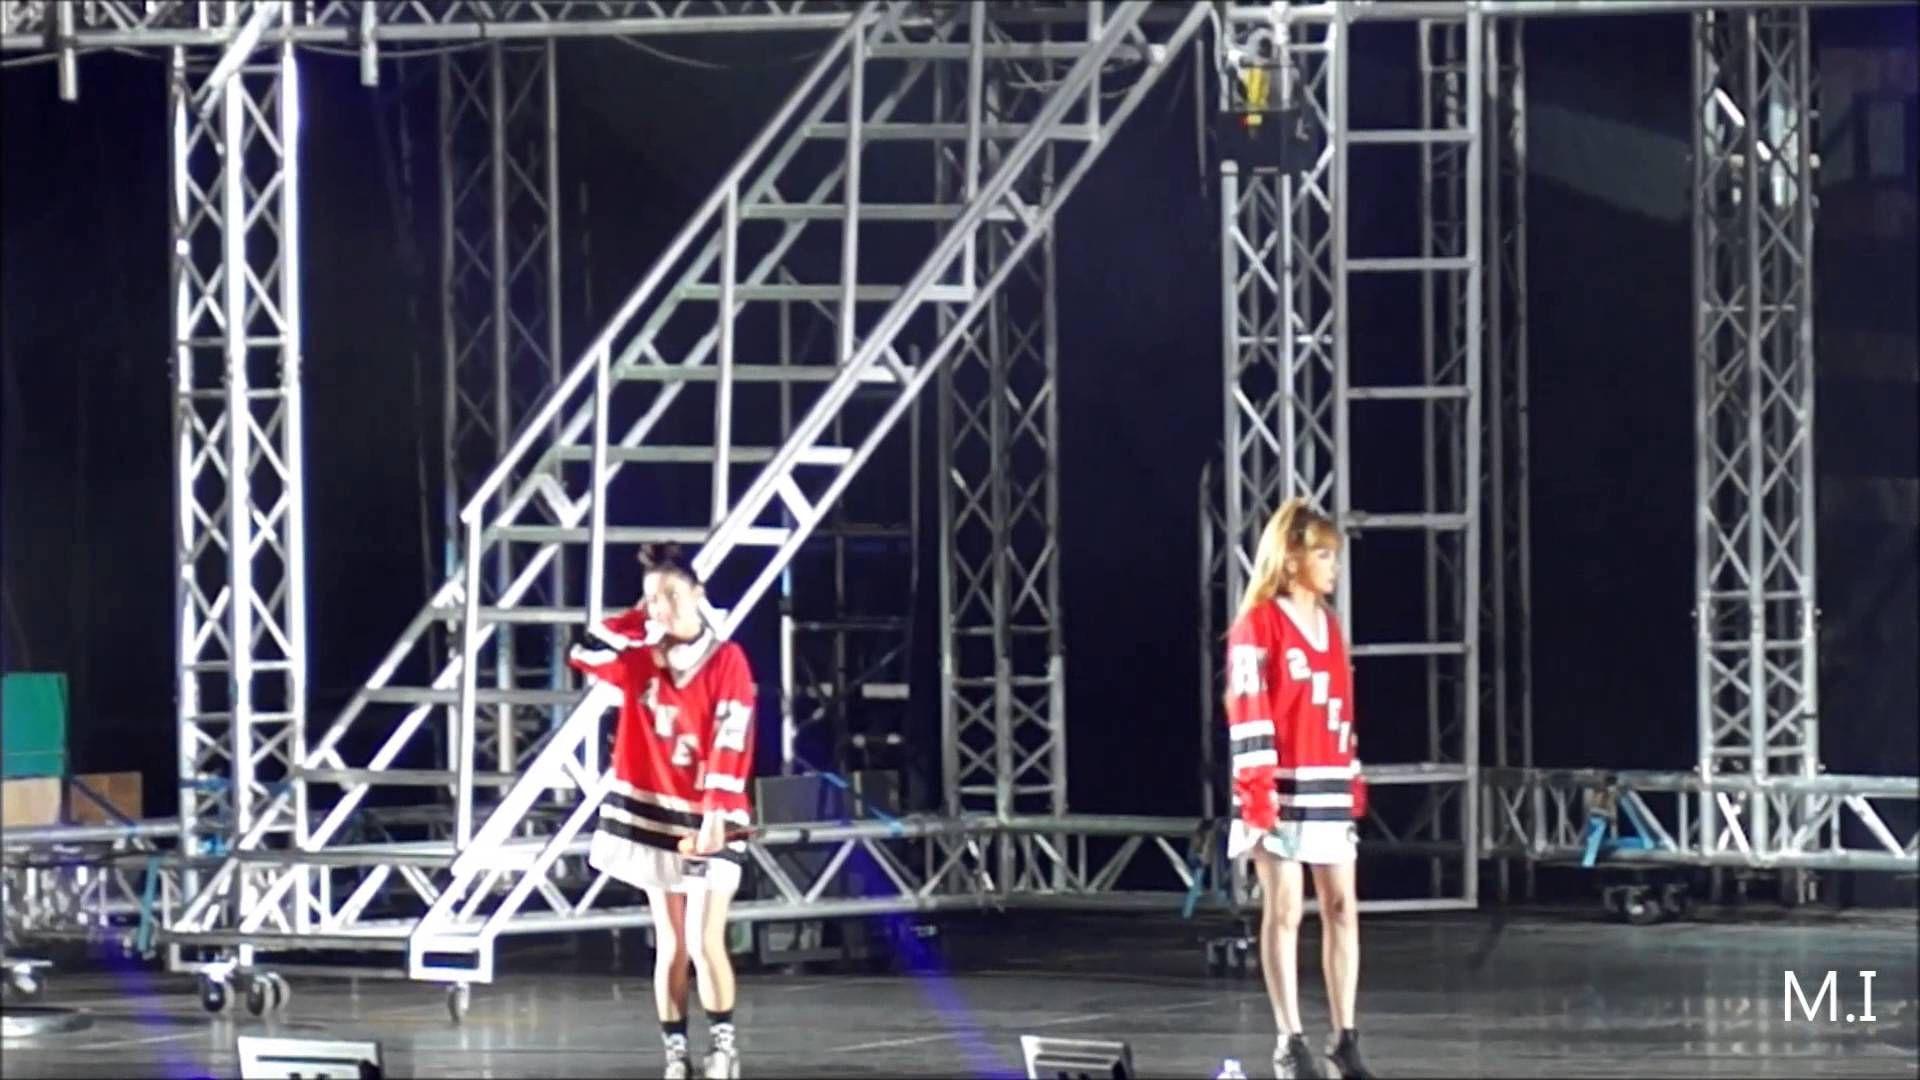 141015 YG FAMILY IN TAIWAN-Encore 2NE1 CUT